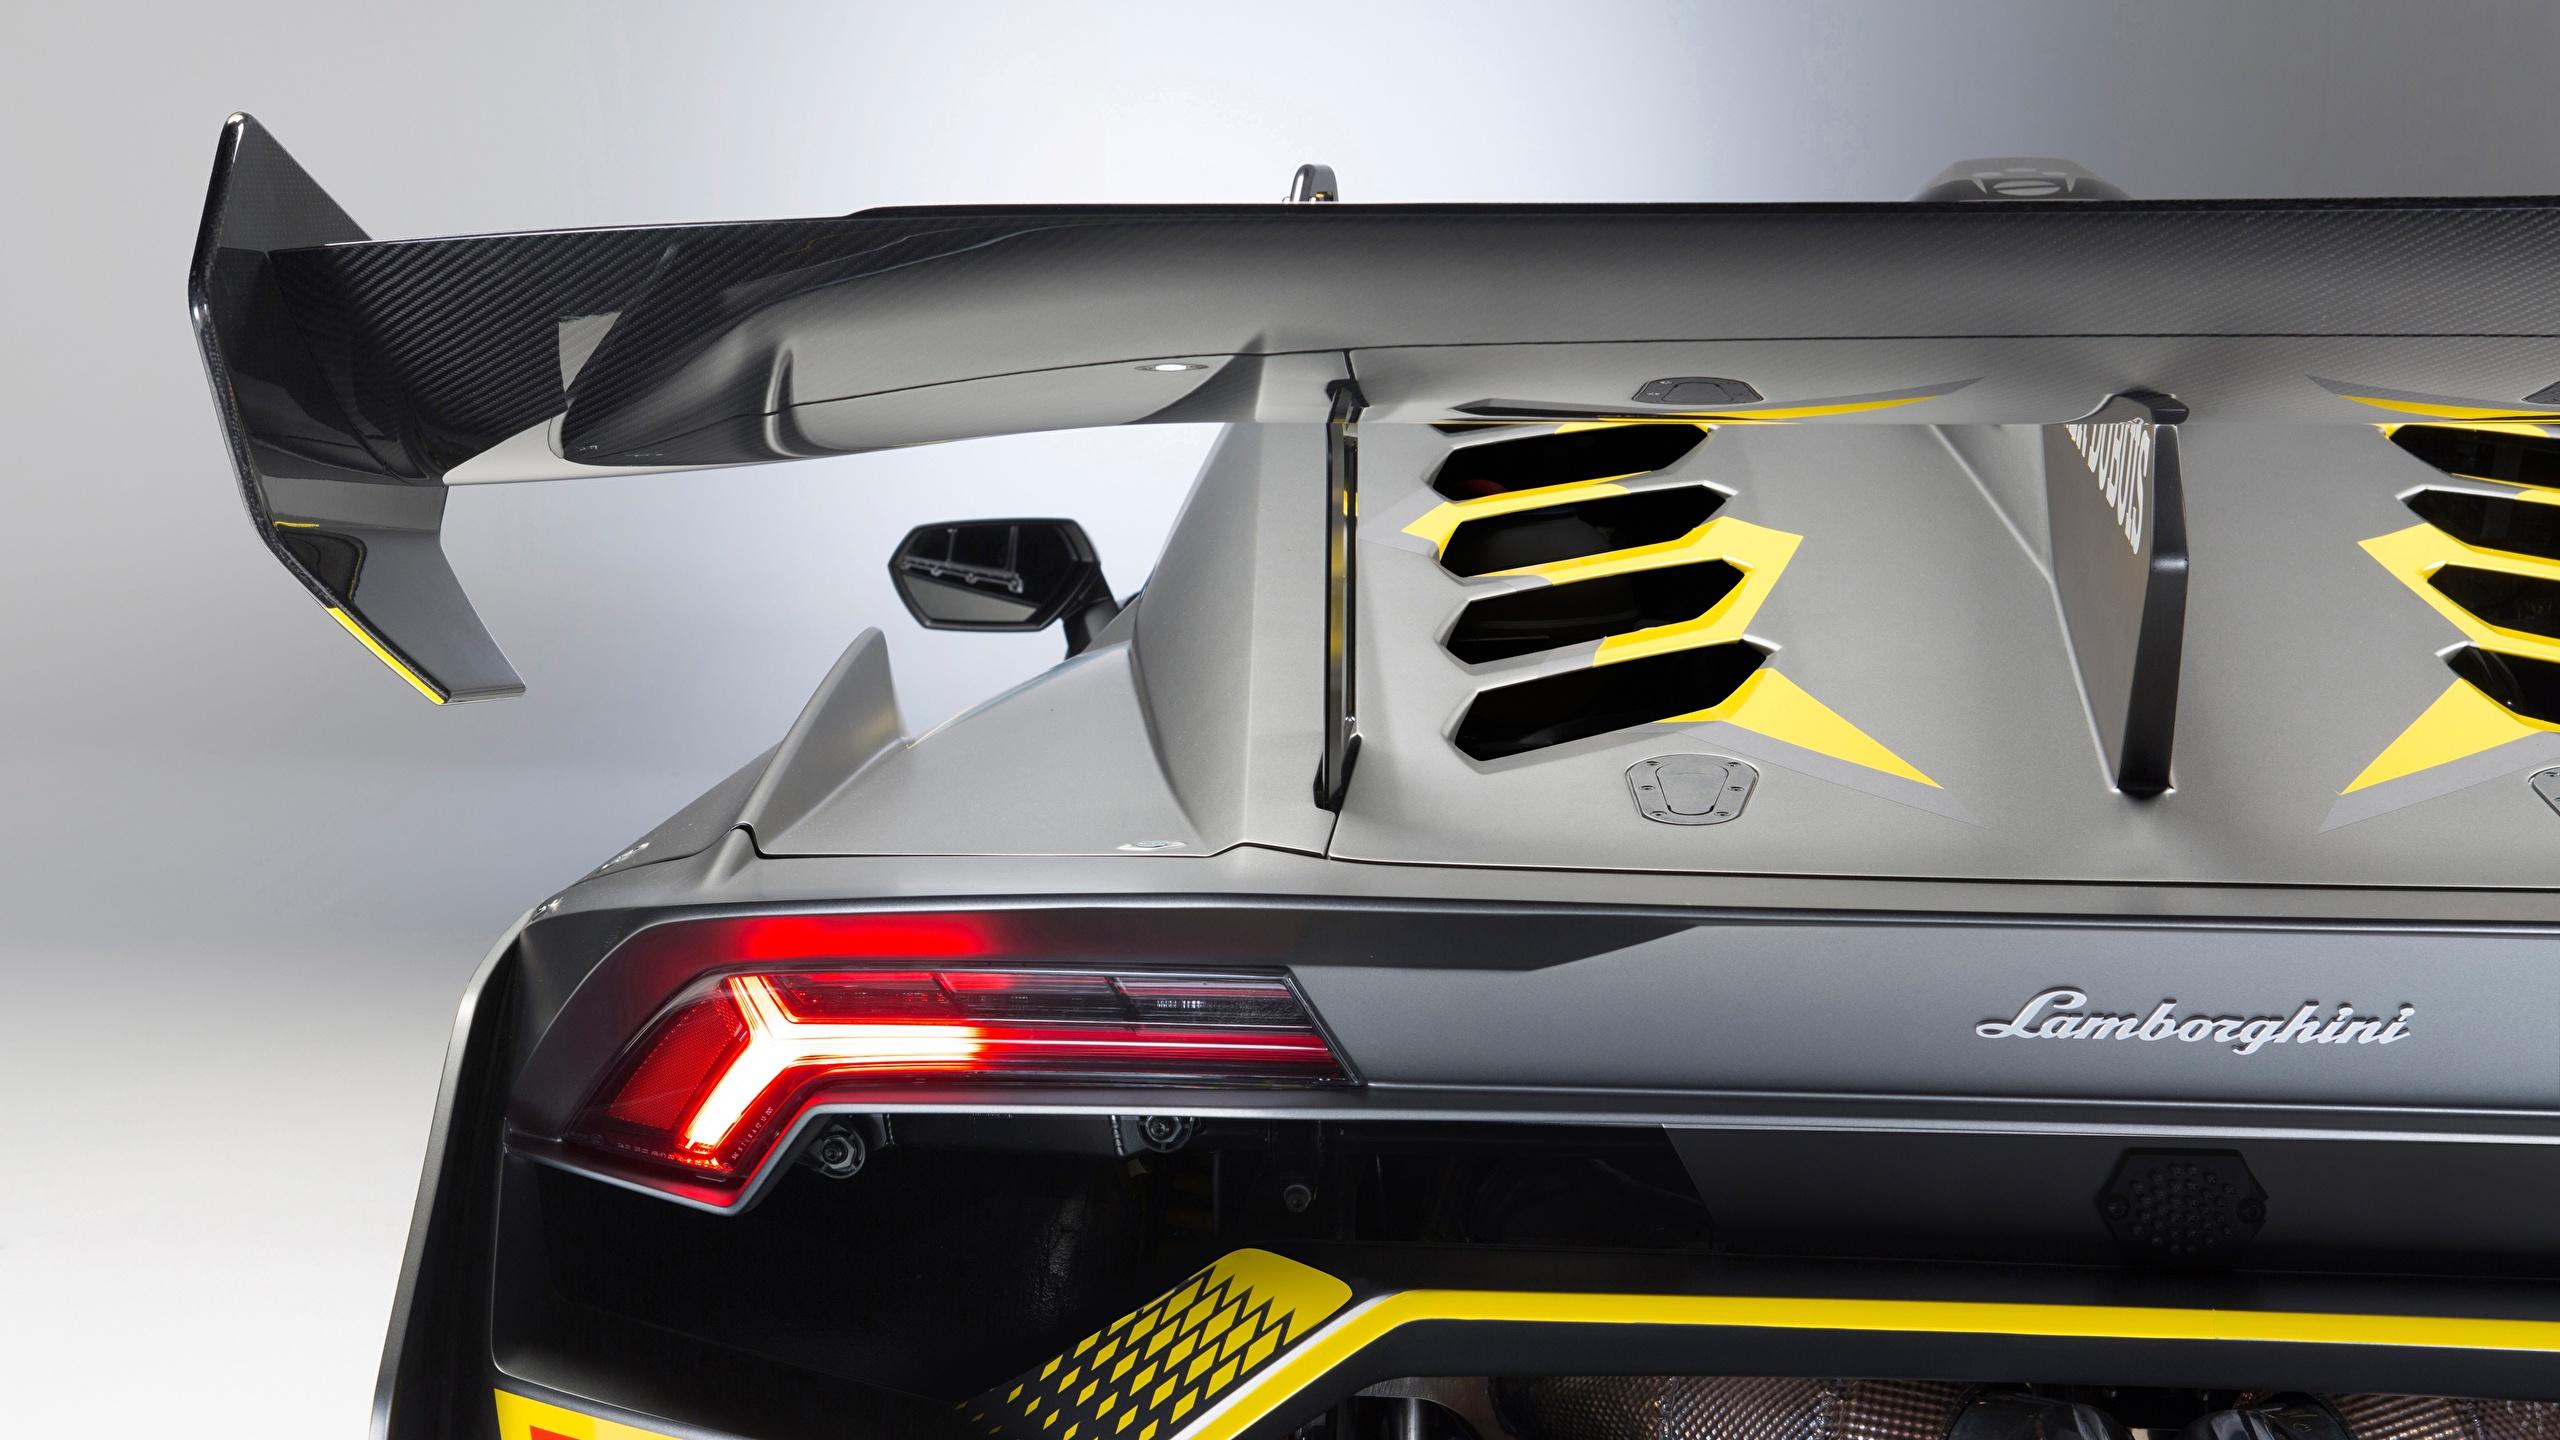 Picture Lamborghini Huracan Super Trofeo Evo Back view Headlights automobile Closeup 2560x1440 Cars auto